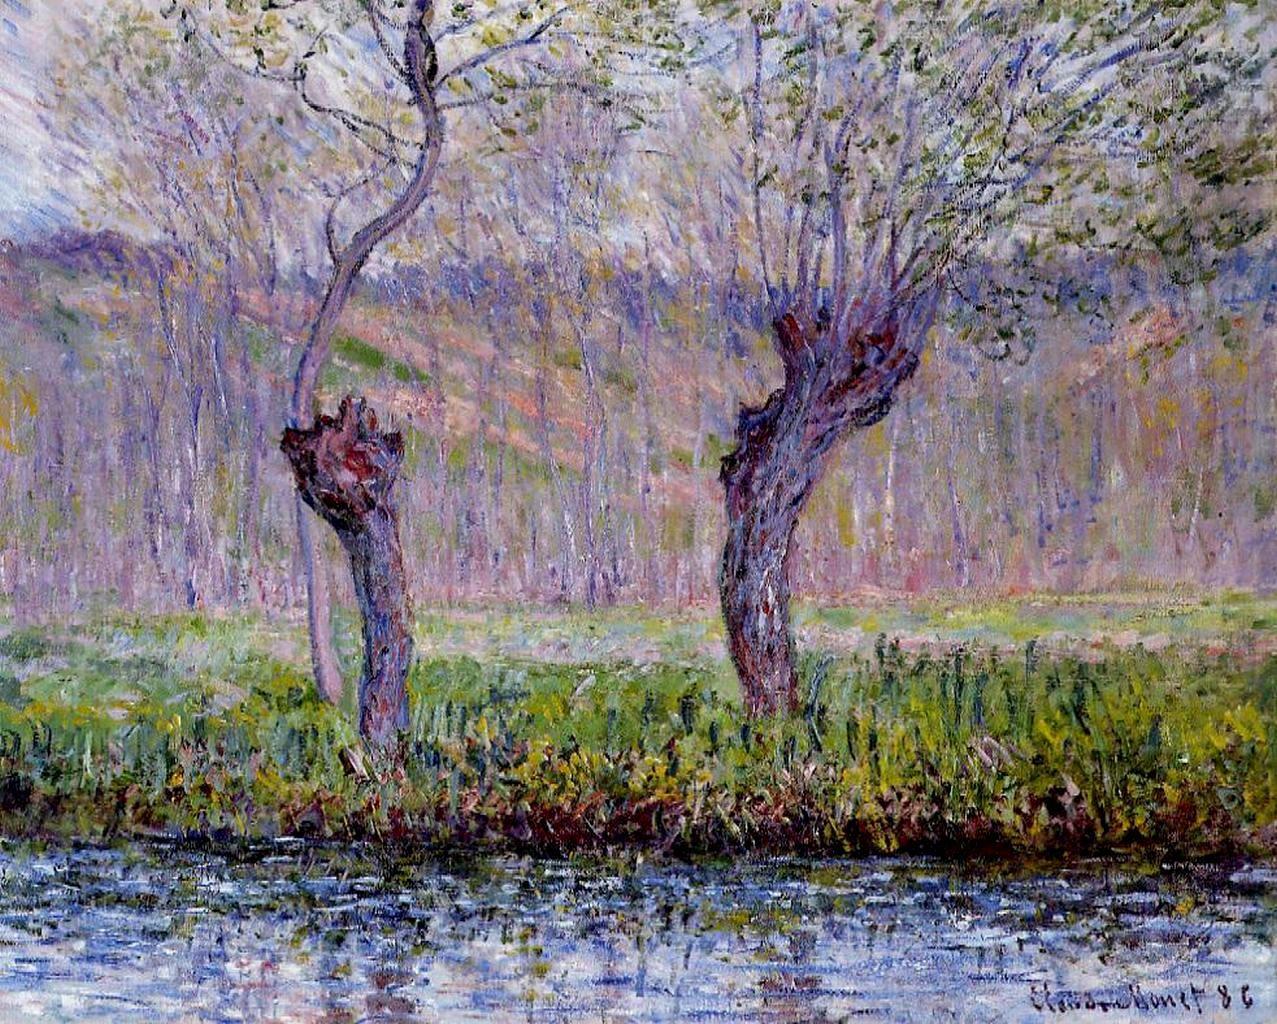 пейзаж < Ивы весной >:: Клод Моне, описание картины - Claude Monet фото